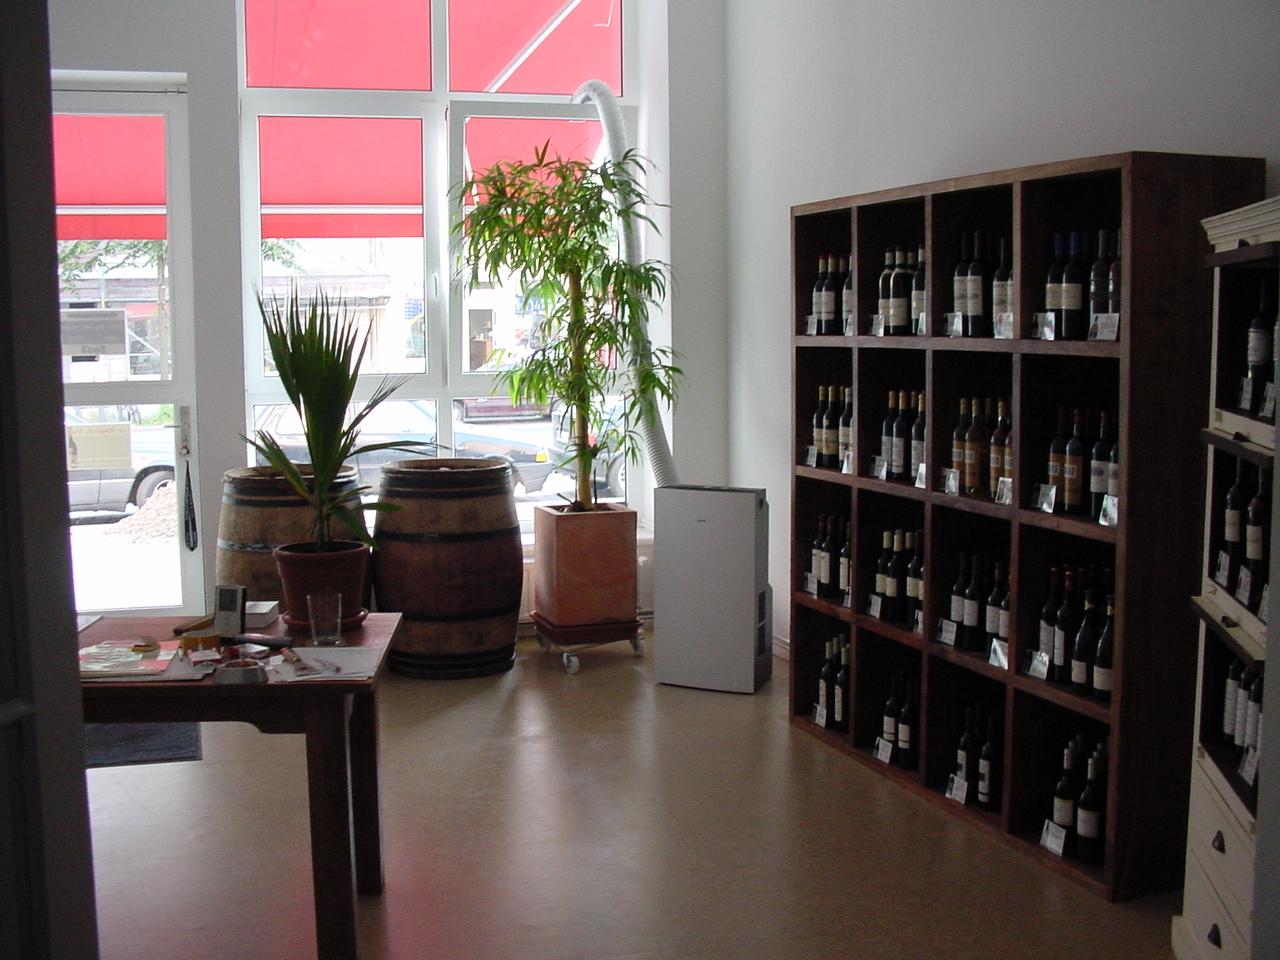 Les Amis Du Vin - seit 2002 finden Sie bei uns mit Leidenschaft und Erfahrung ausgesuchte Weine